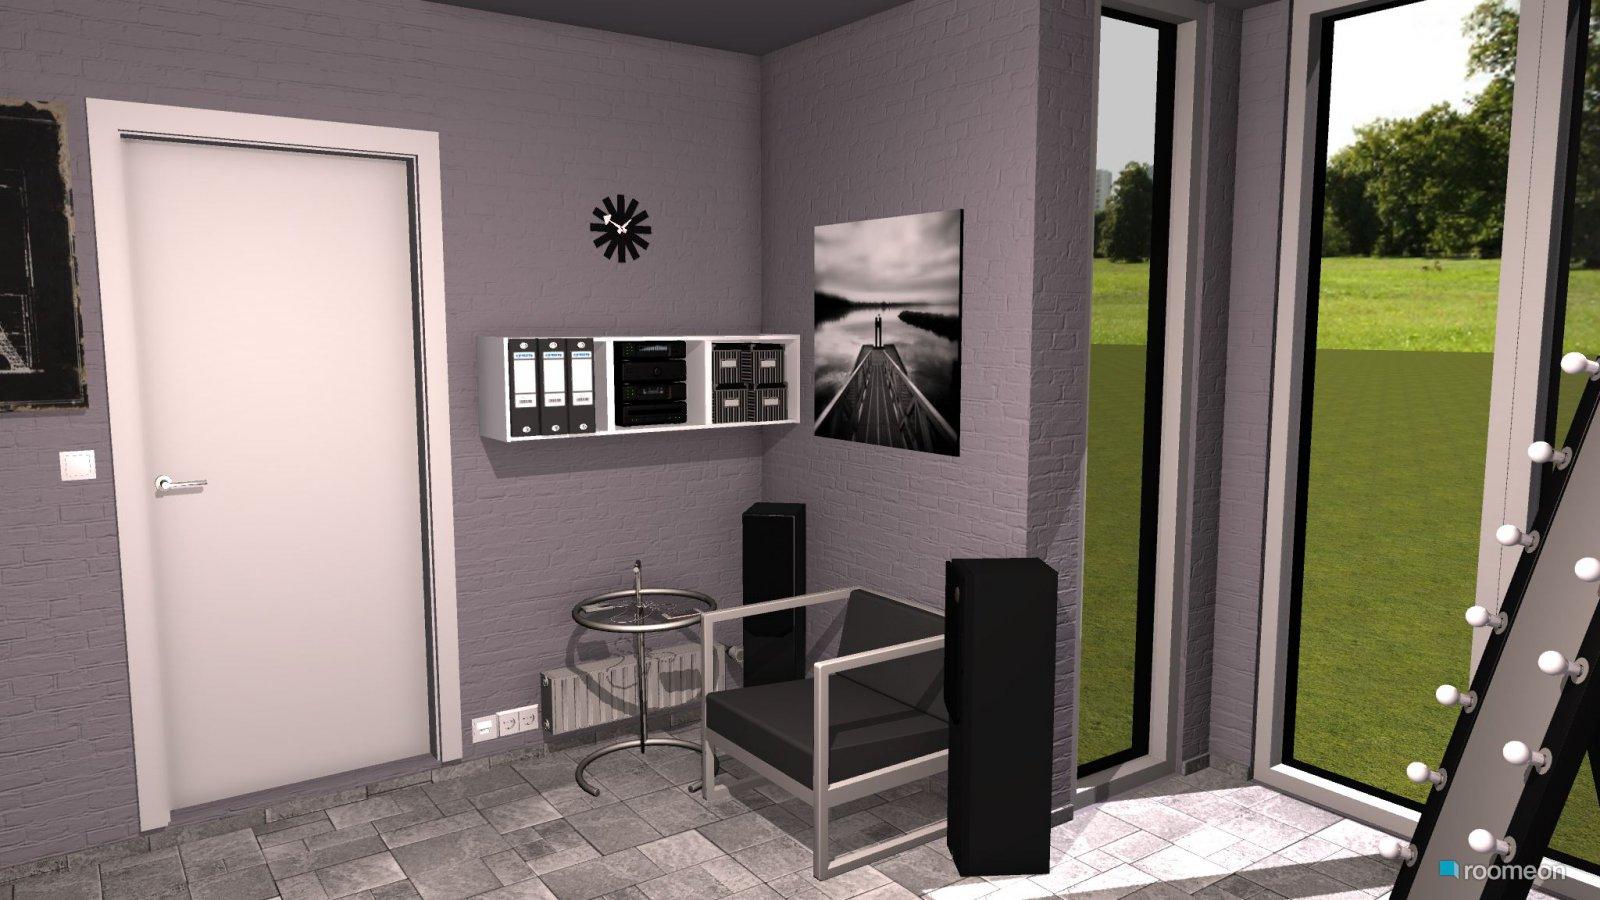 Room Design Jugendzimmer modern schwarz weiß - roomeon Community